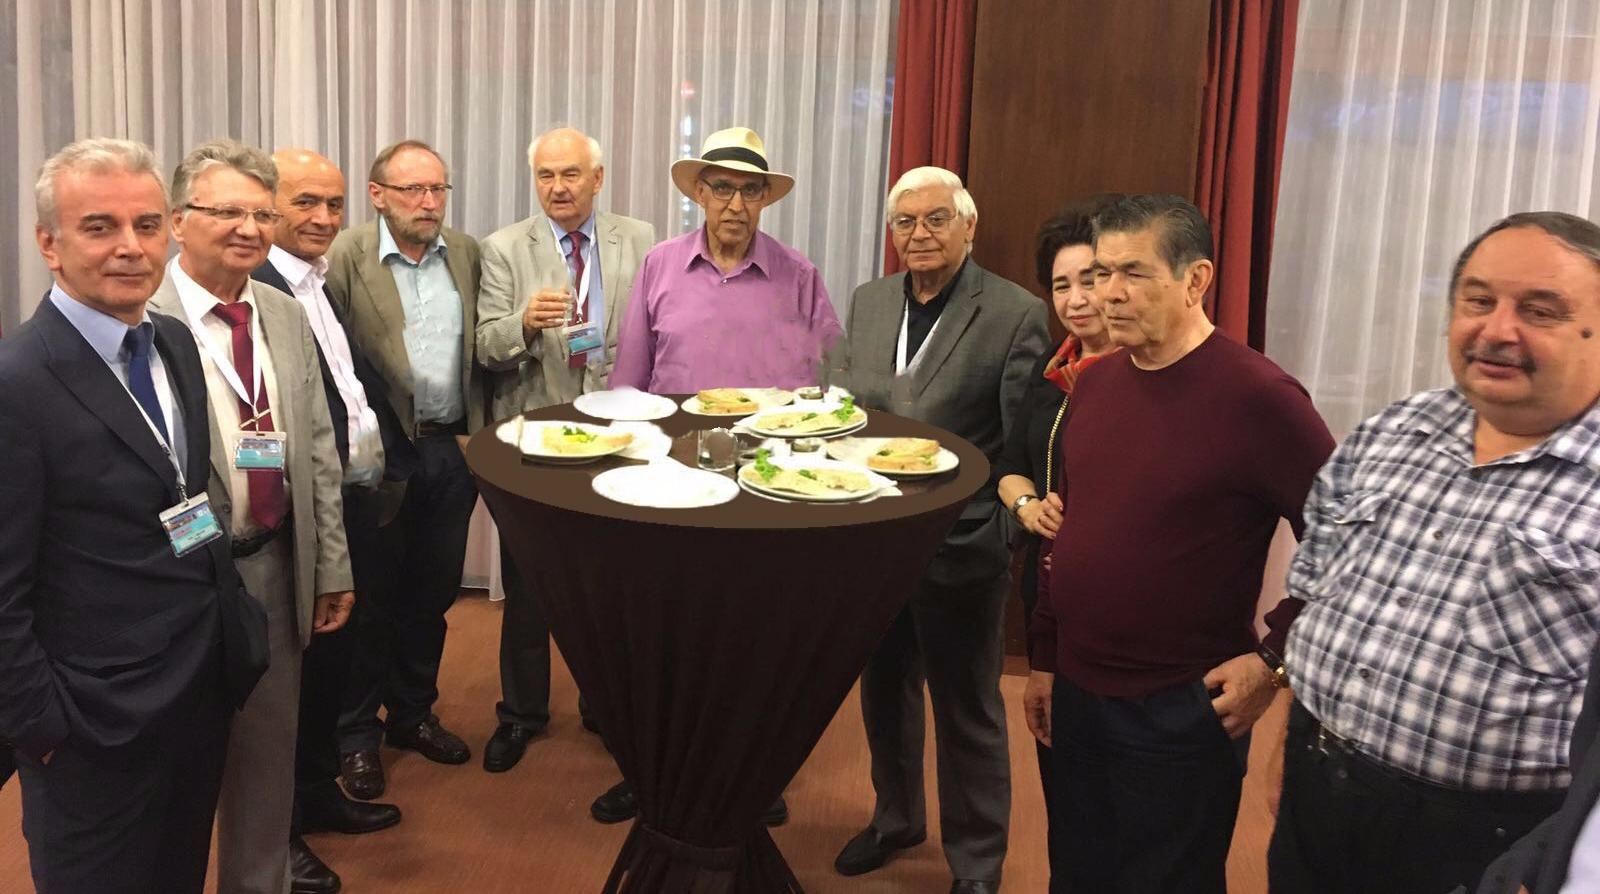 Ünlü Ukraynalı Bilim Adamları: Dünya Bilimine Katkı